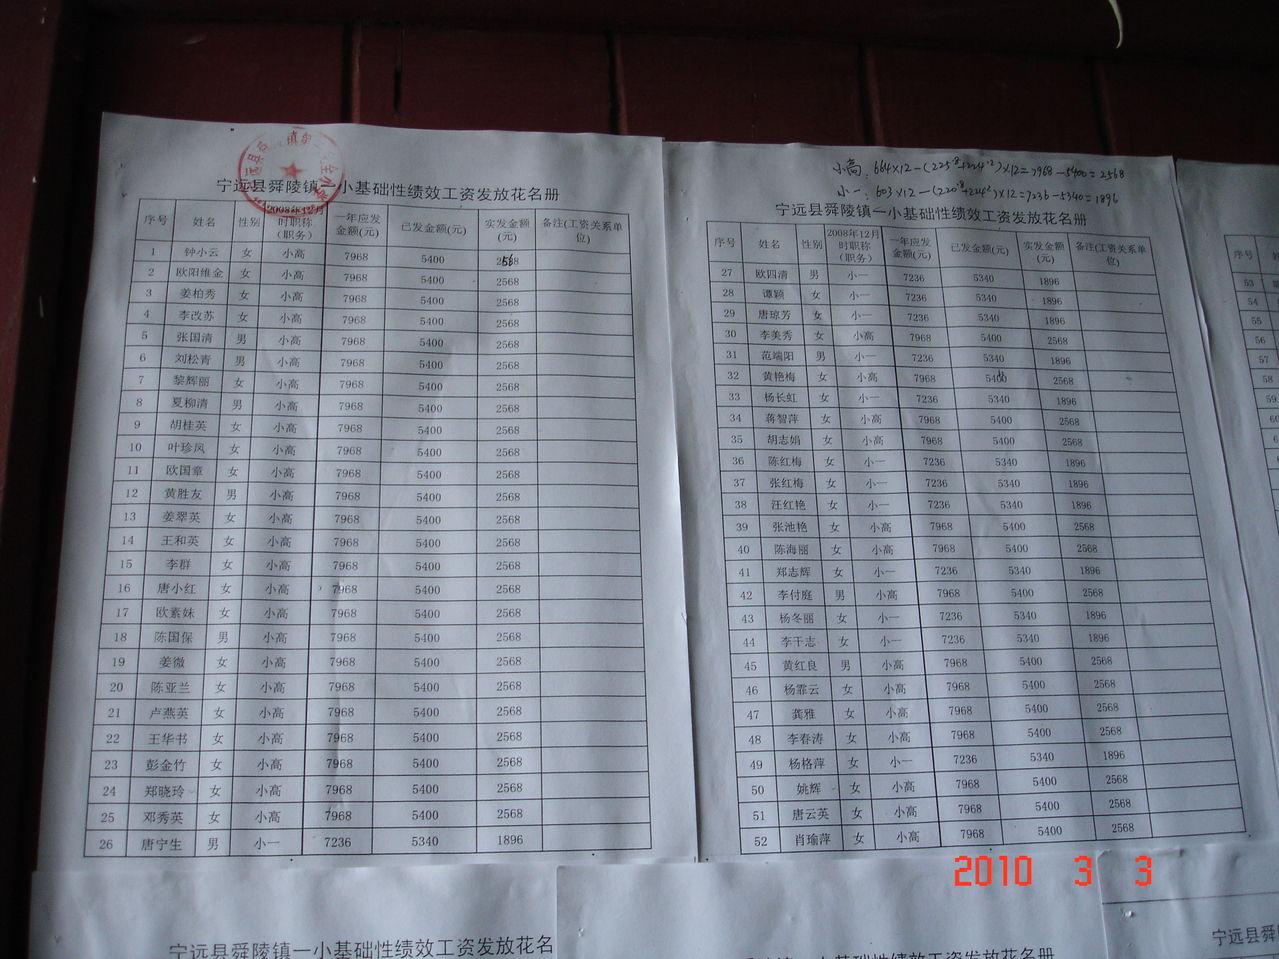 宁远县绩效作文高中按精神符合发放是否上级教师职称?(图)靠文件工资凡事自己图片